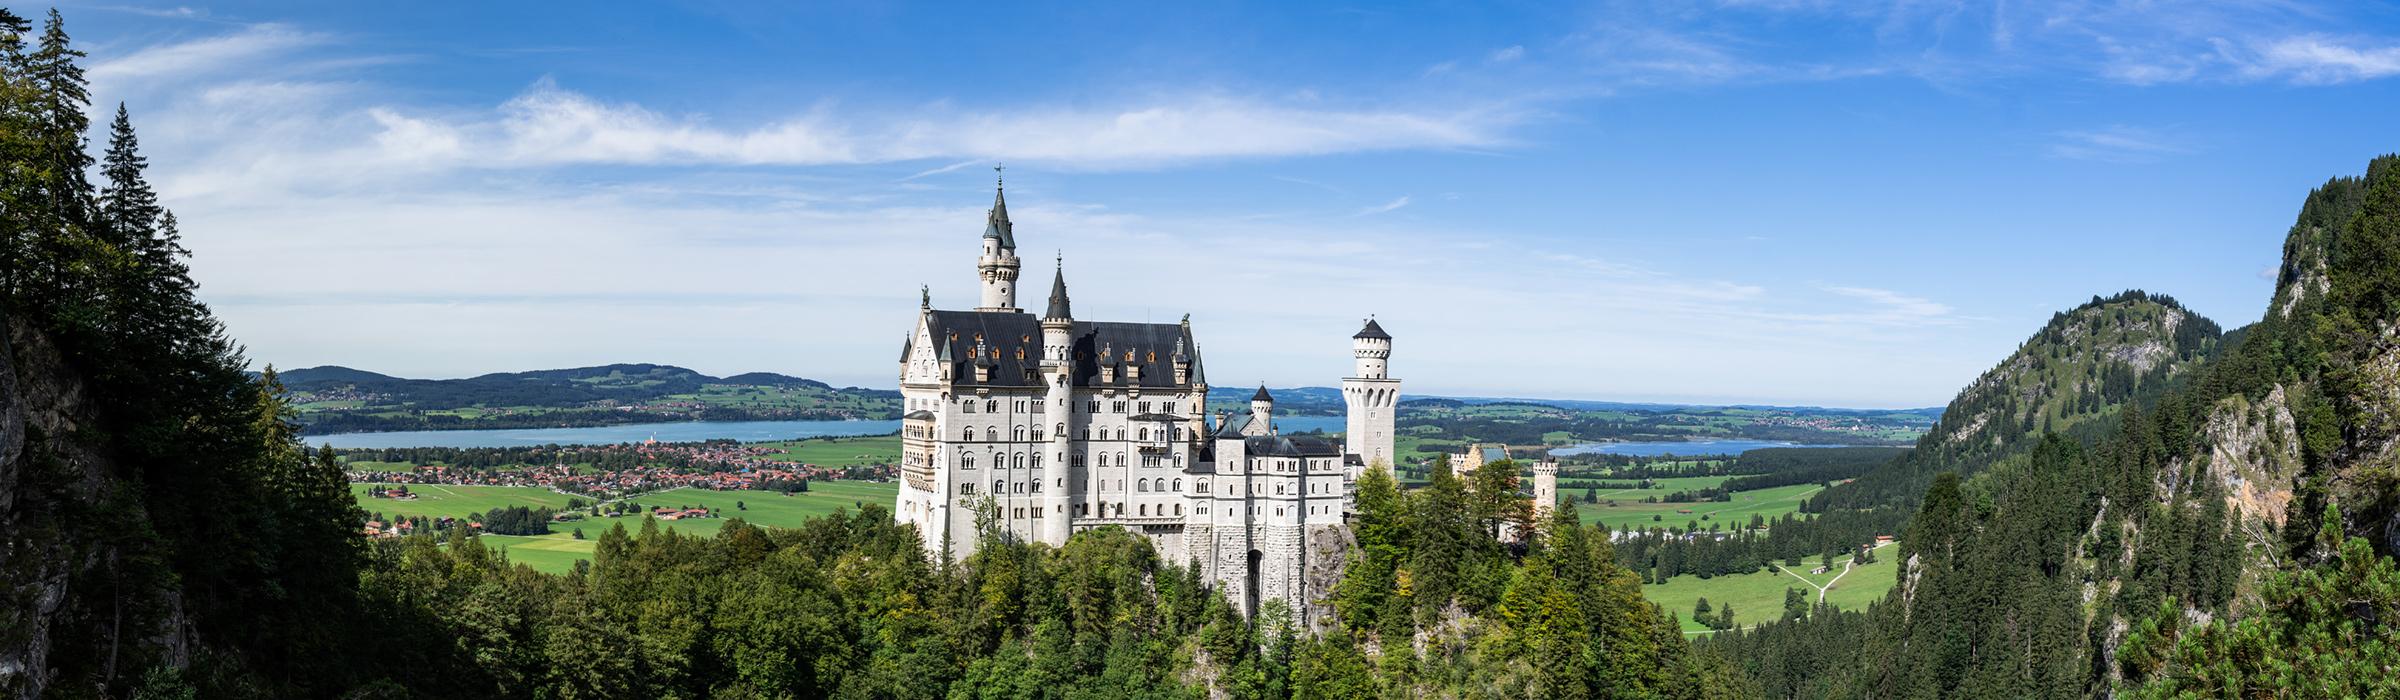 Panorama vom Schloss Neuschwanstein